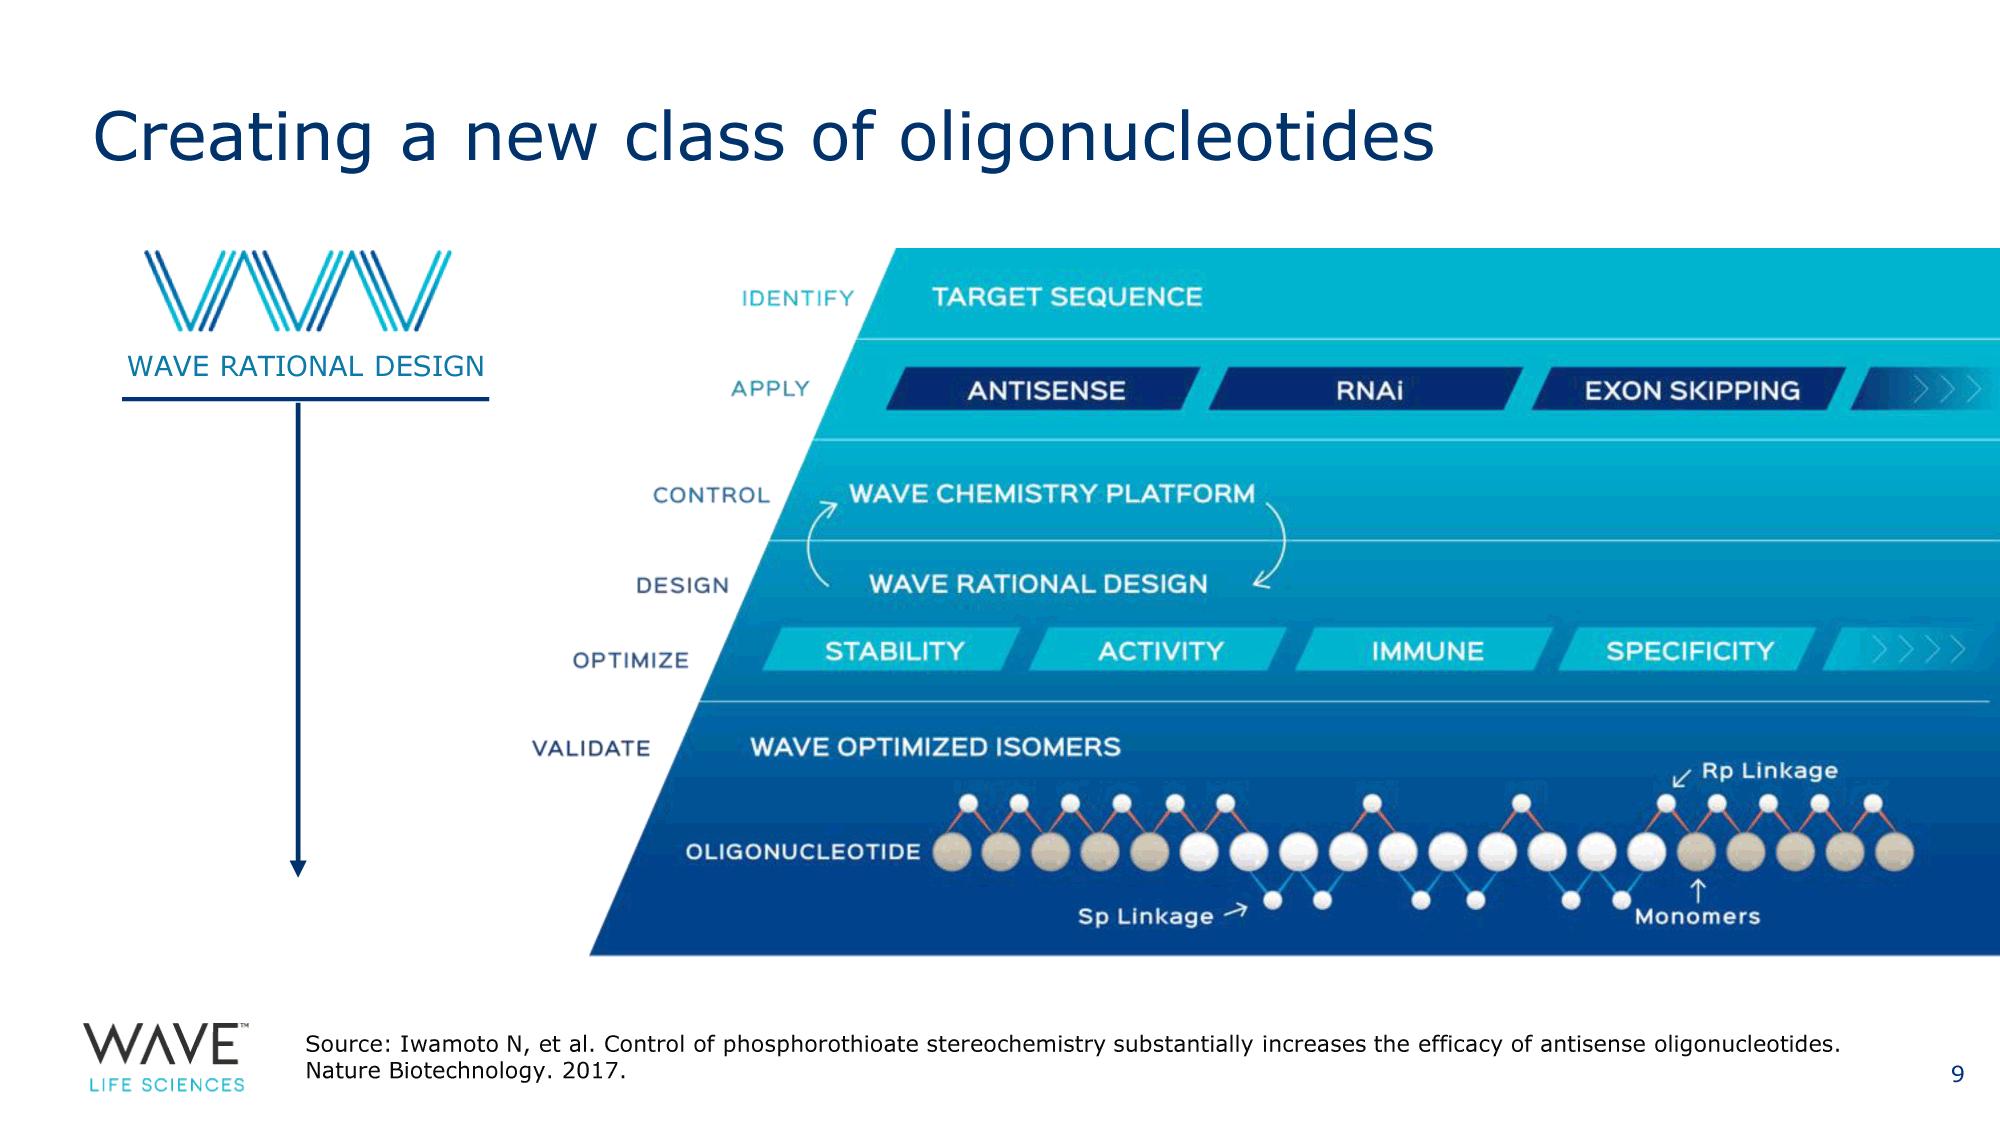 Wave Life Sciences: инновационные олигонуклеотиды против неврологических заболеваний